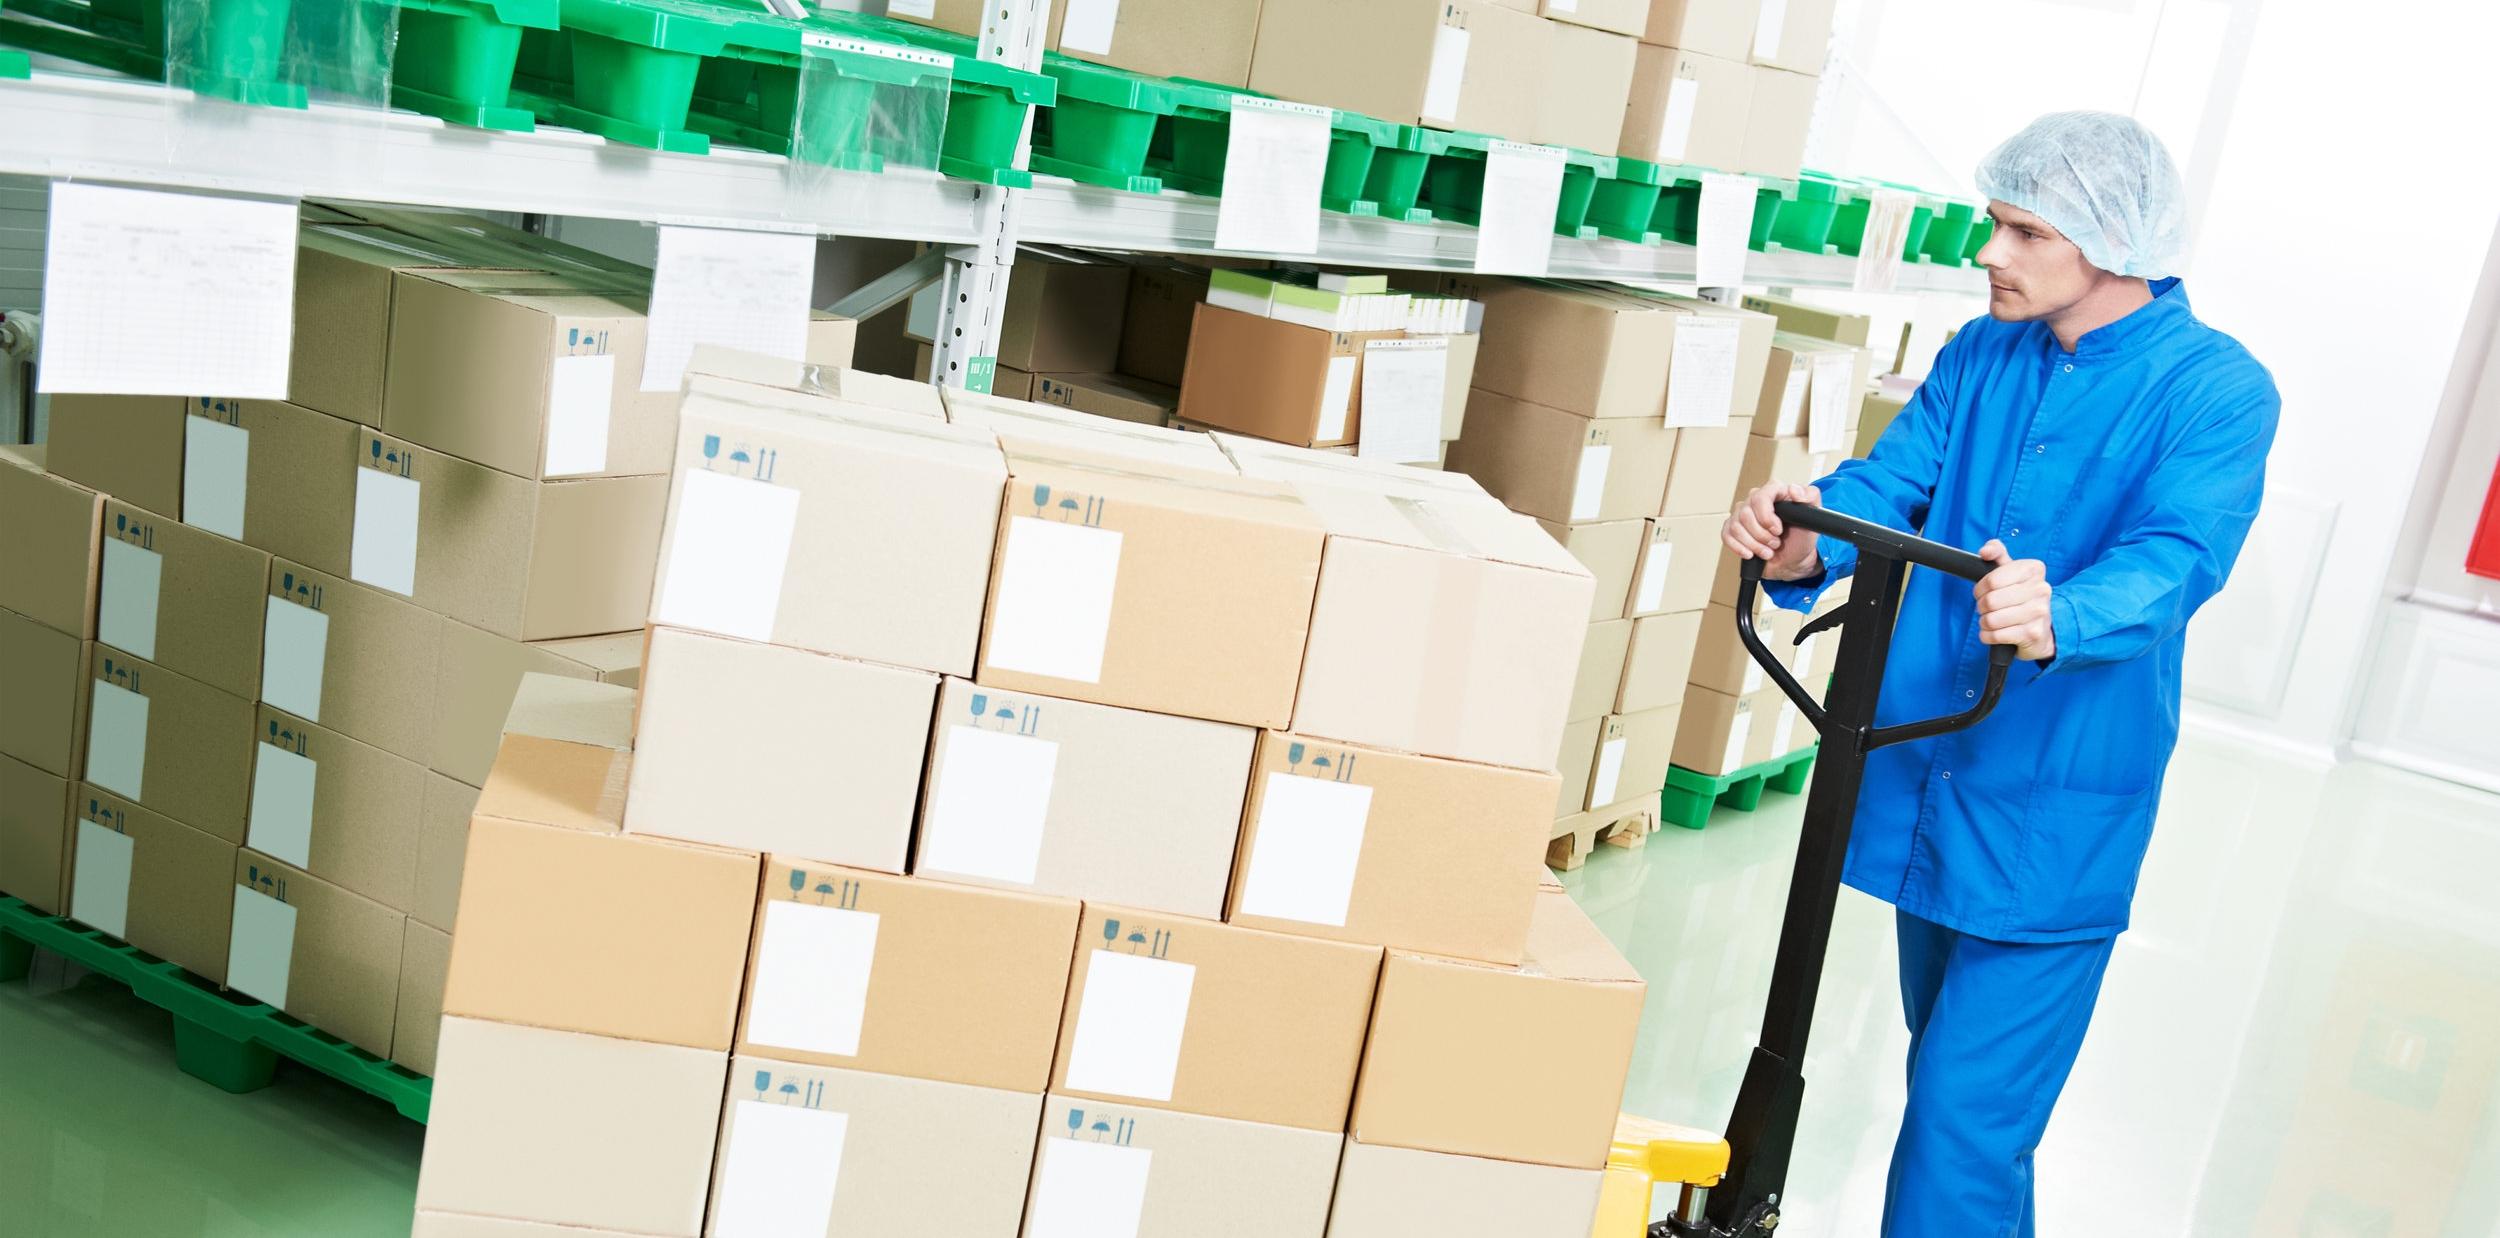 tcb_warehousing_distribution_europe.jpeg